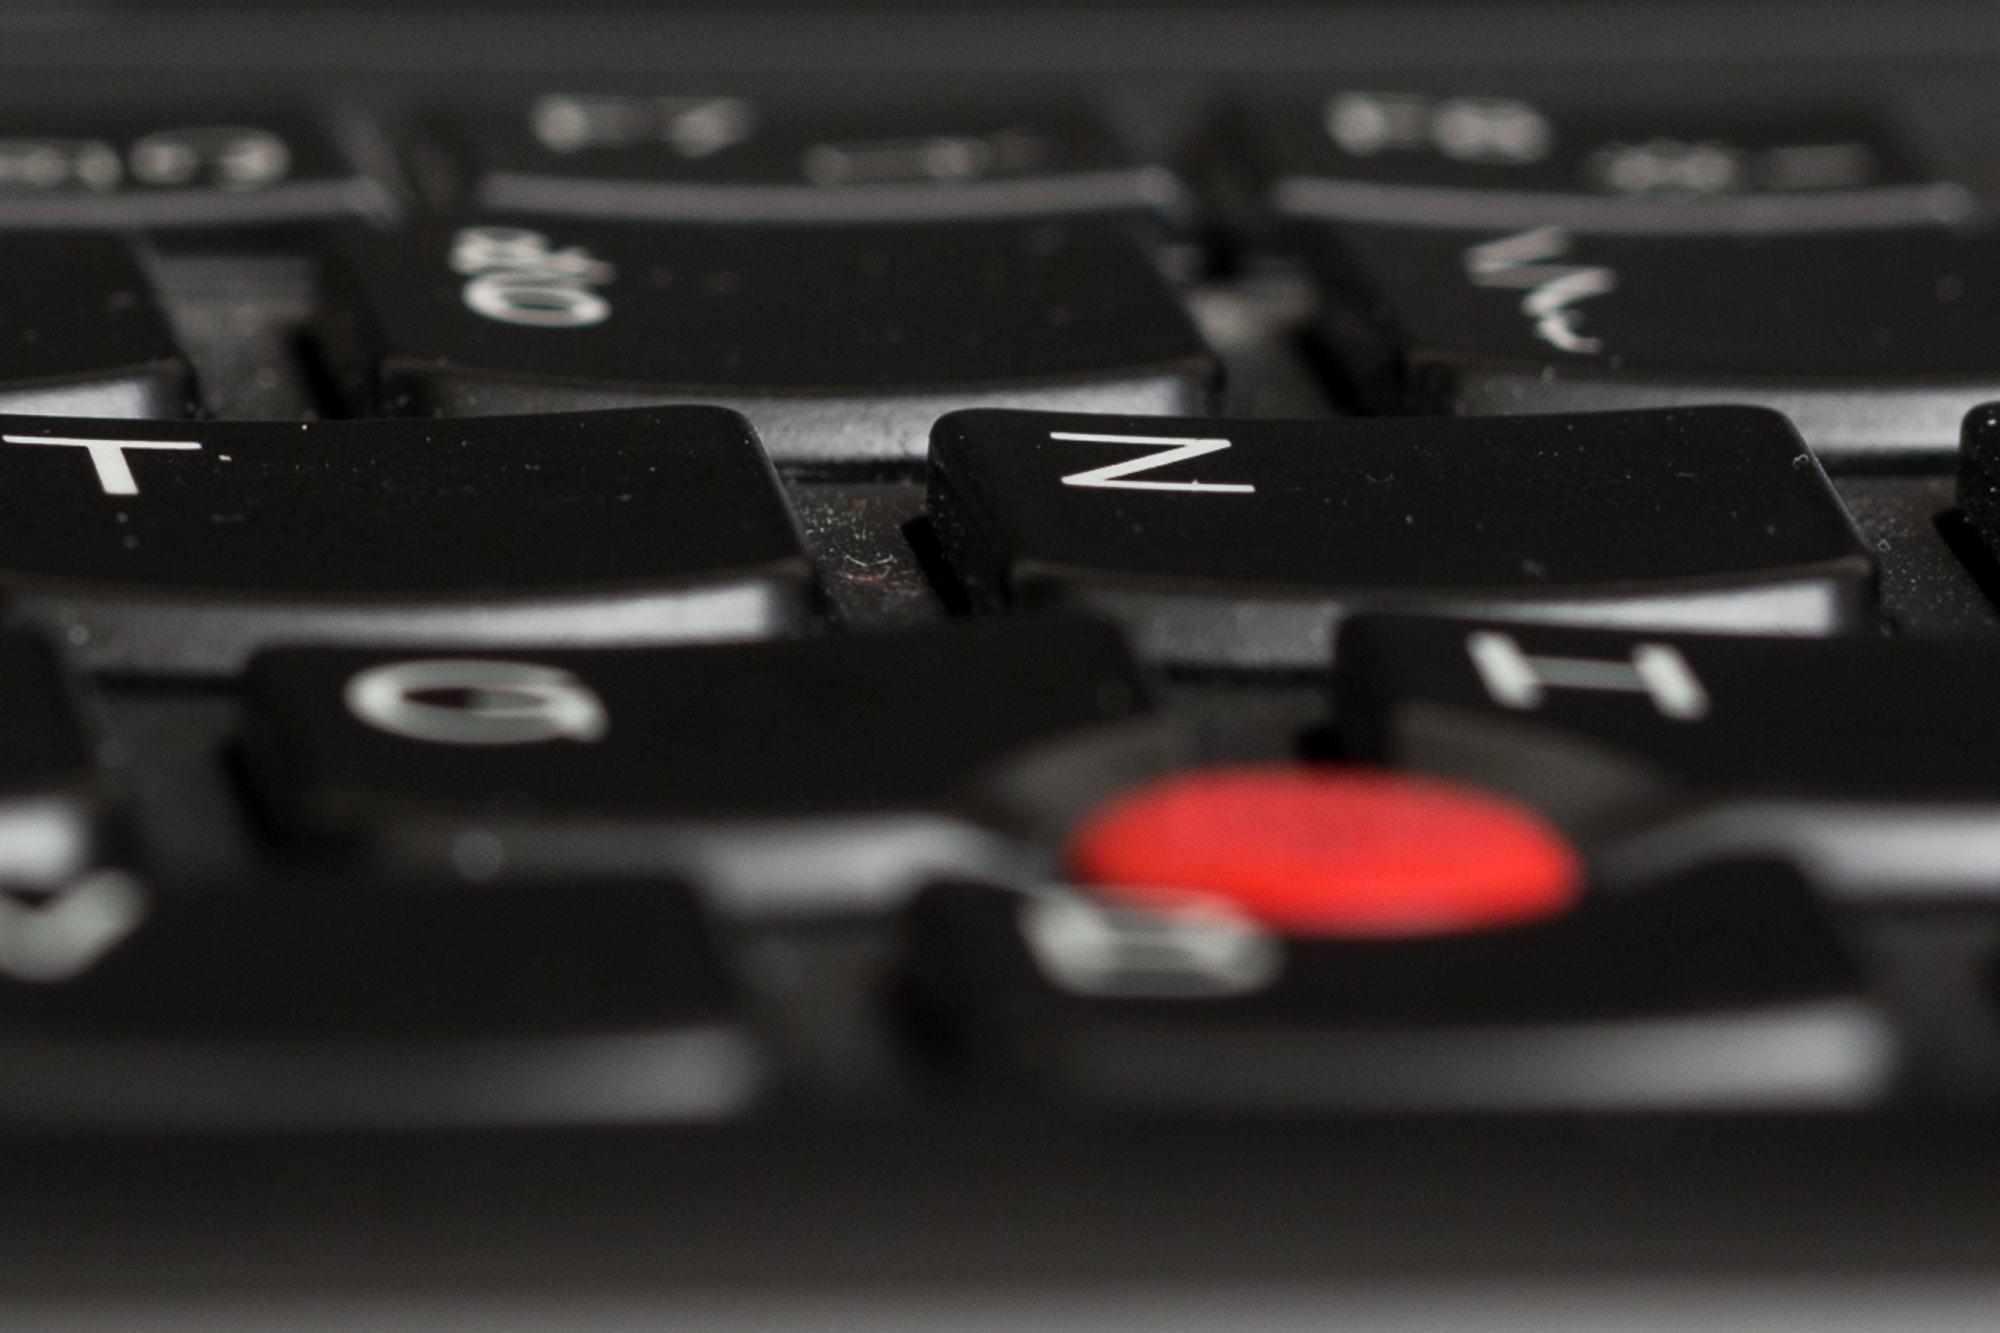 Kaufberatung: Worauf es bei einem Notebook ankommt - Chiclet-Tastatur mit konkaven Tasten (Bild: Fabian Hamacher/Golem.de)